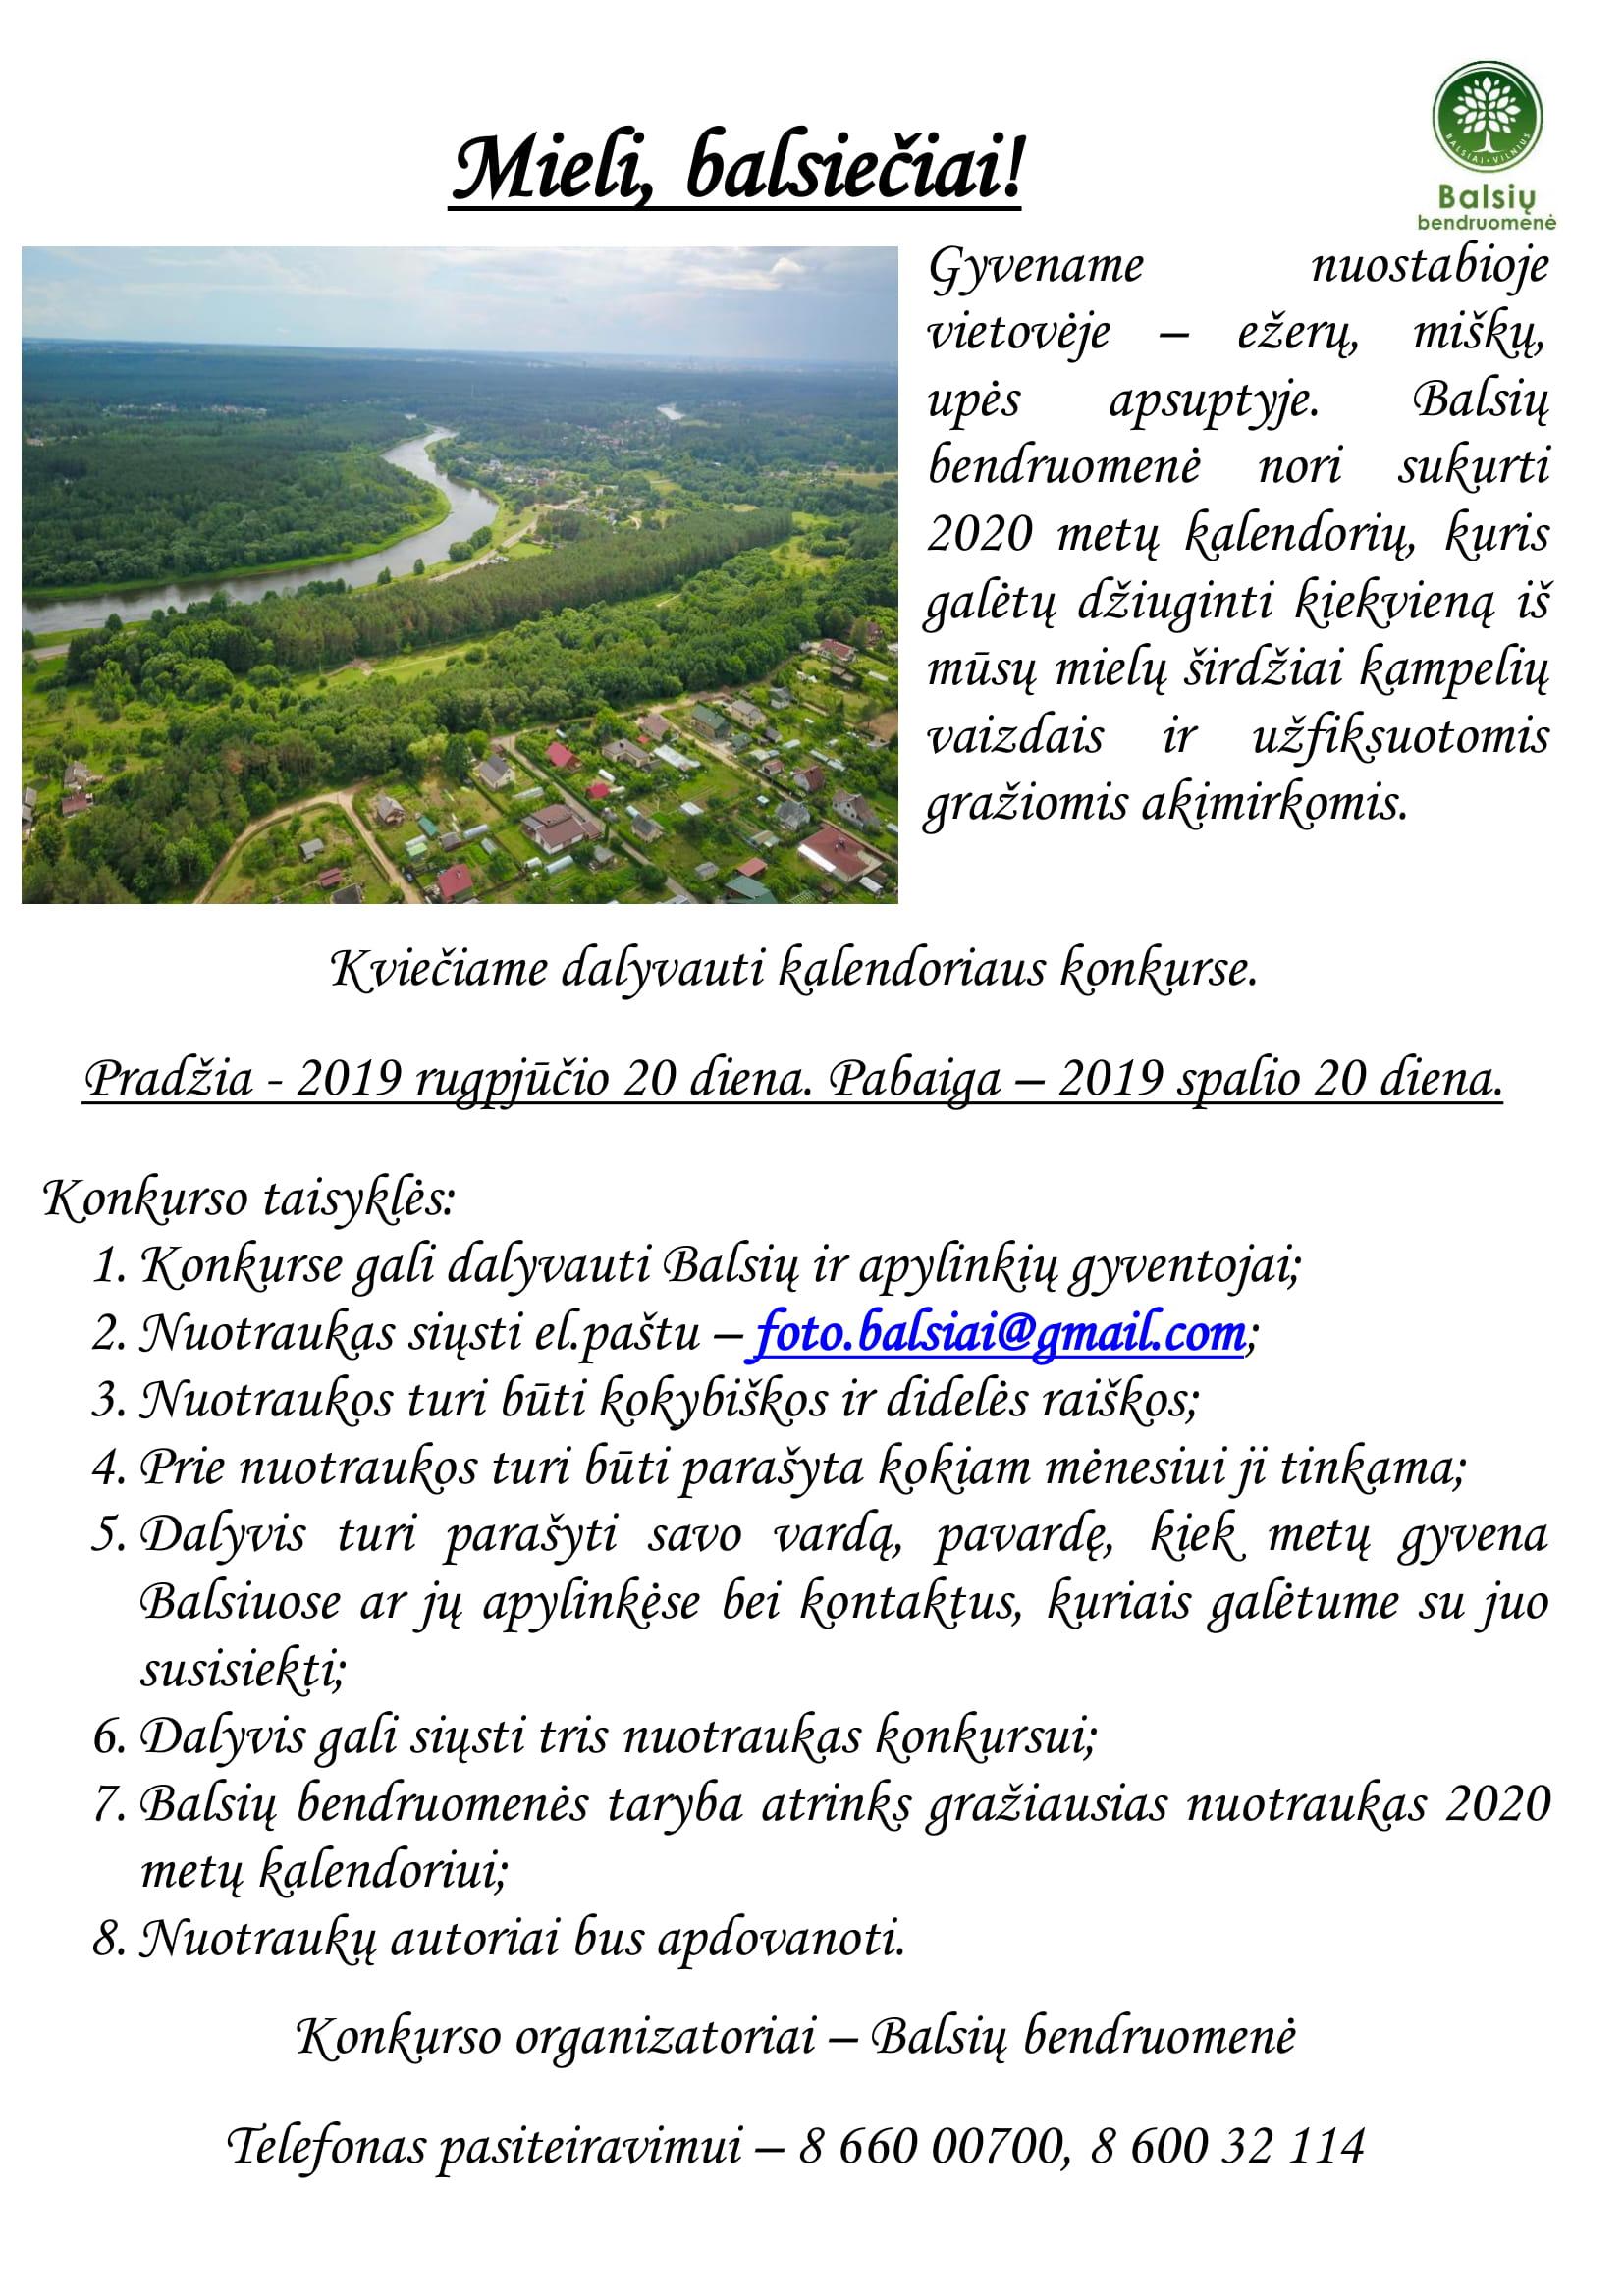 Kviečiame dalyvauti Balsių kalendoriaus konkurse